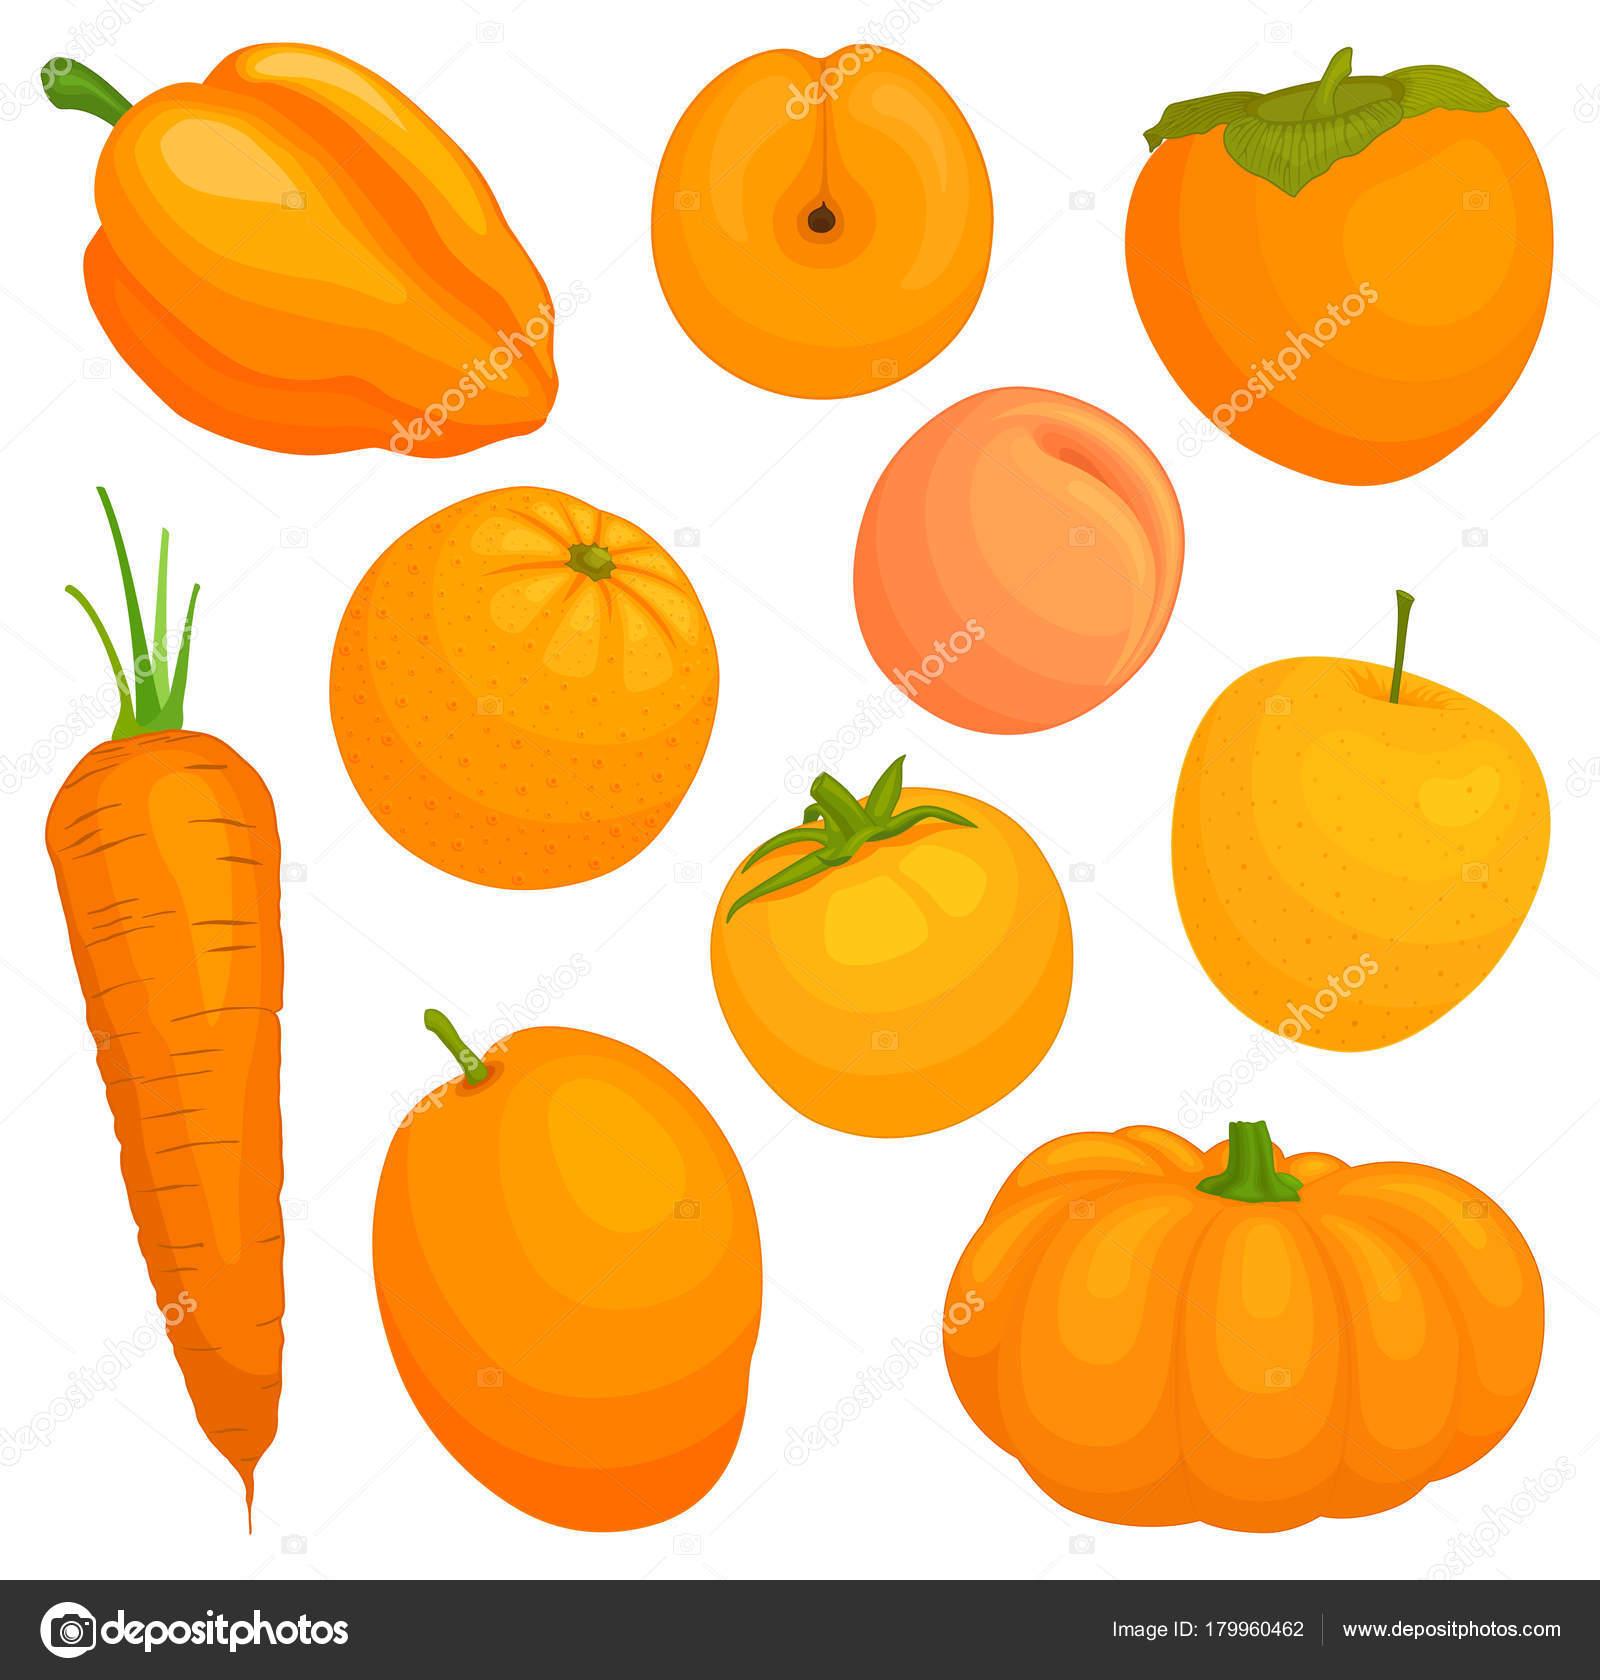 Fotos Dibujo De Frutas Y Verduras A Color Frutas Y Verduras